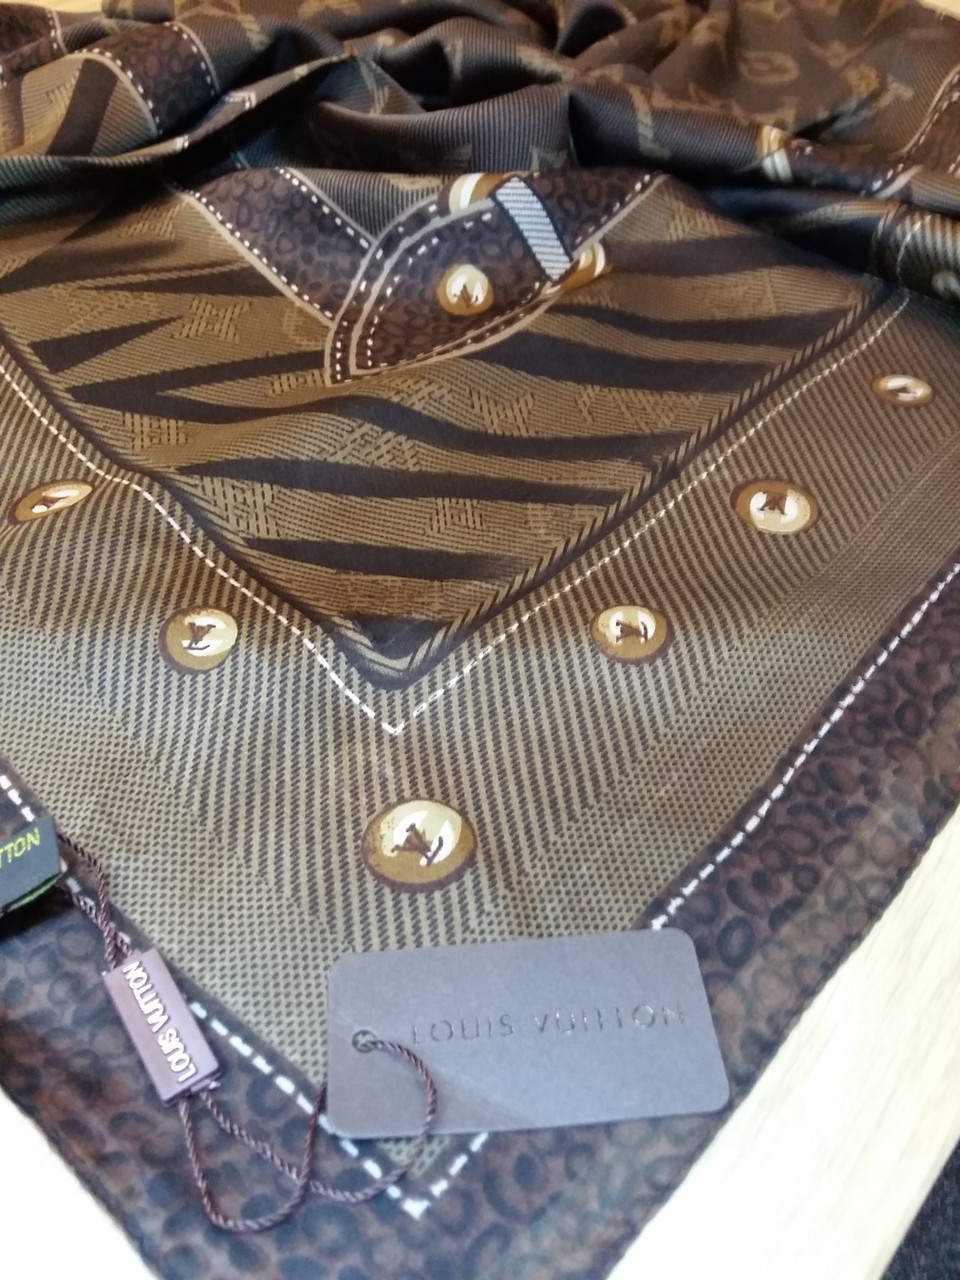 Платок Louis Vuitton шелк коричневый монограмм